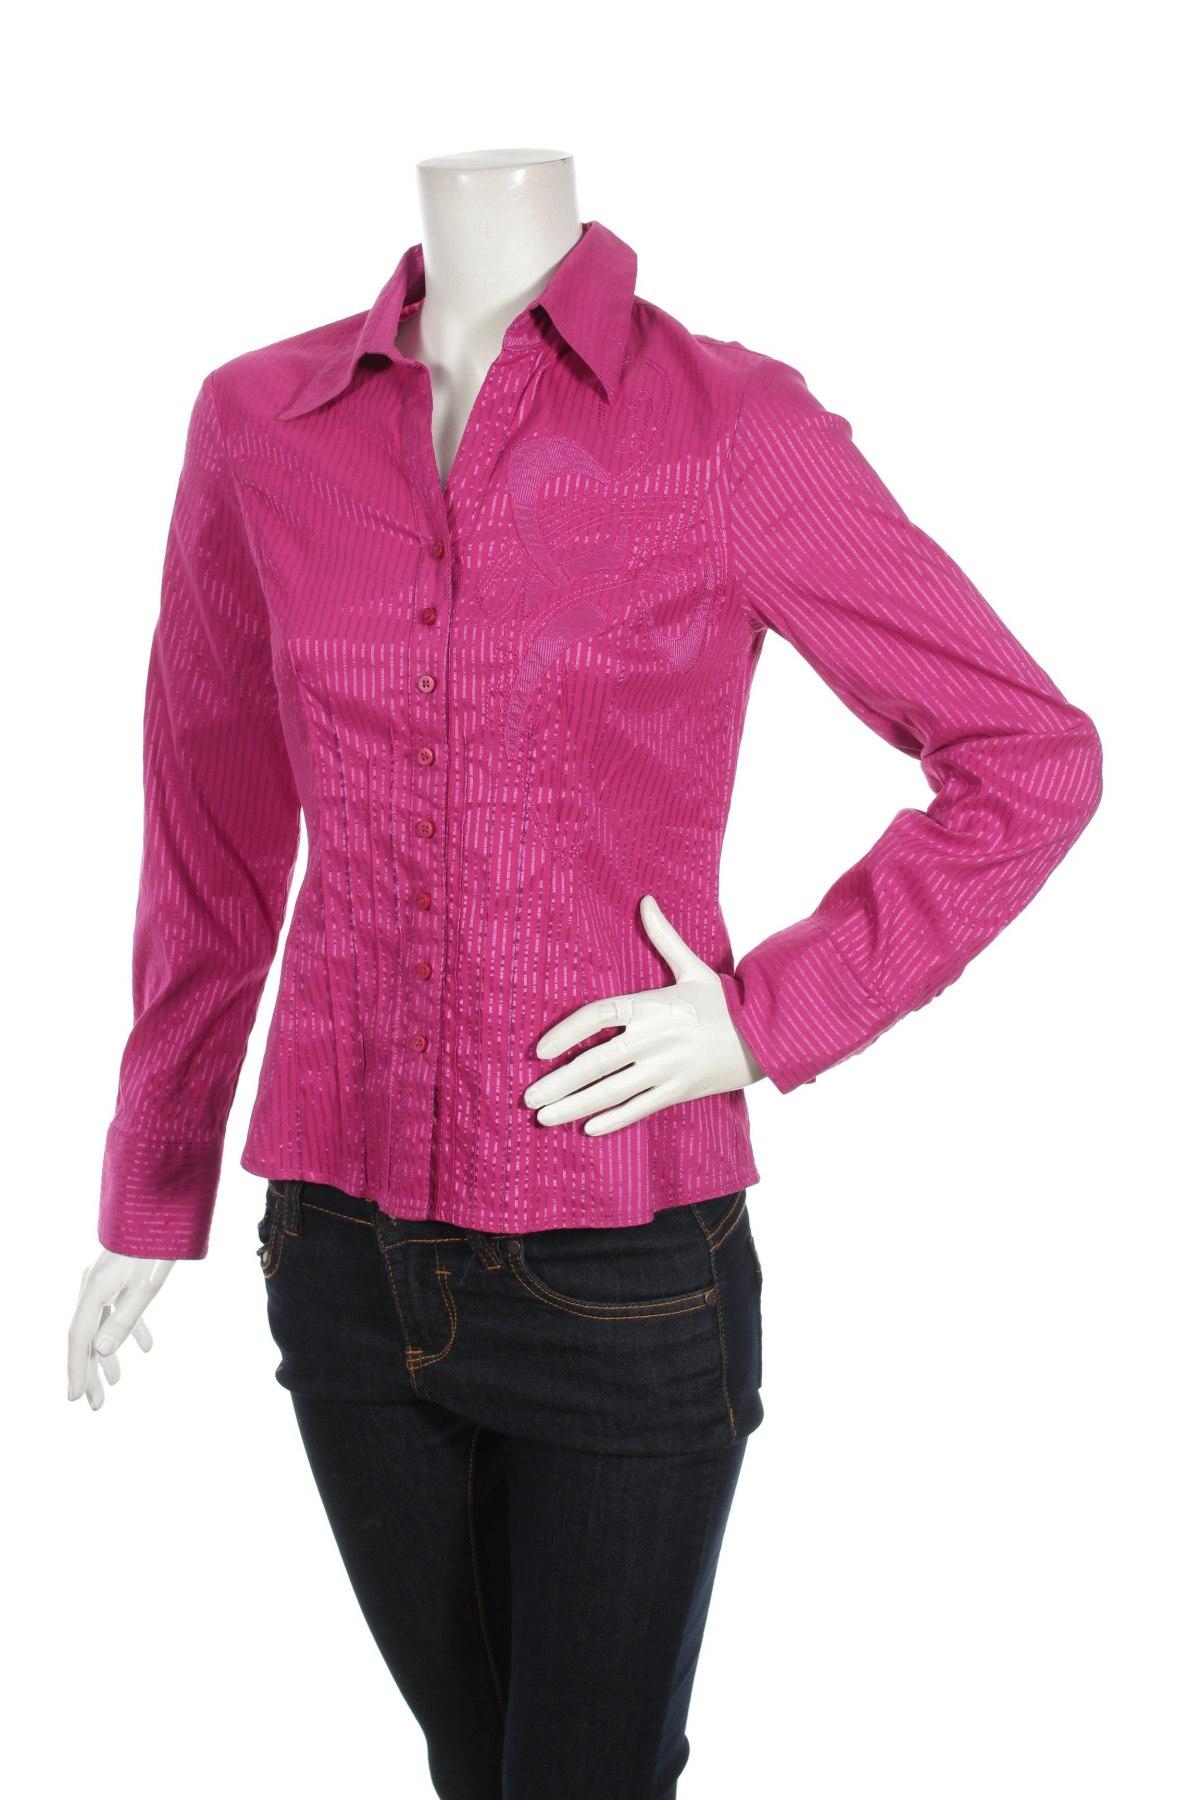 Γυναικείο πουκάμισο Bianca, Μέγεθος S, Χρώμα Ρόζ , 38% πολυαμίδη, 32% βαμβάκι, 27% πολυεστέρας, 2% 3% ελαστάνη, Τιμή 24,74€